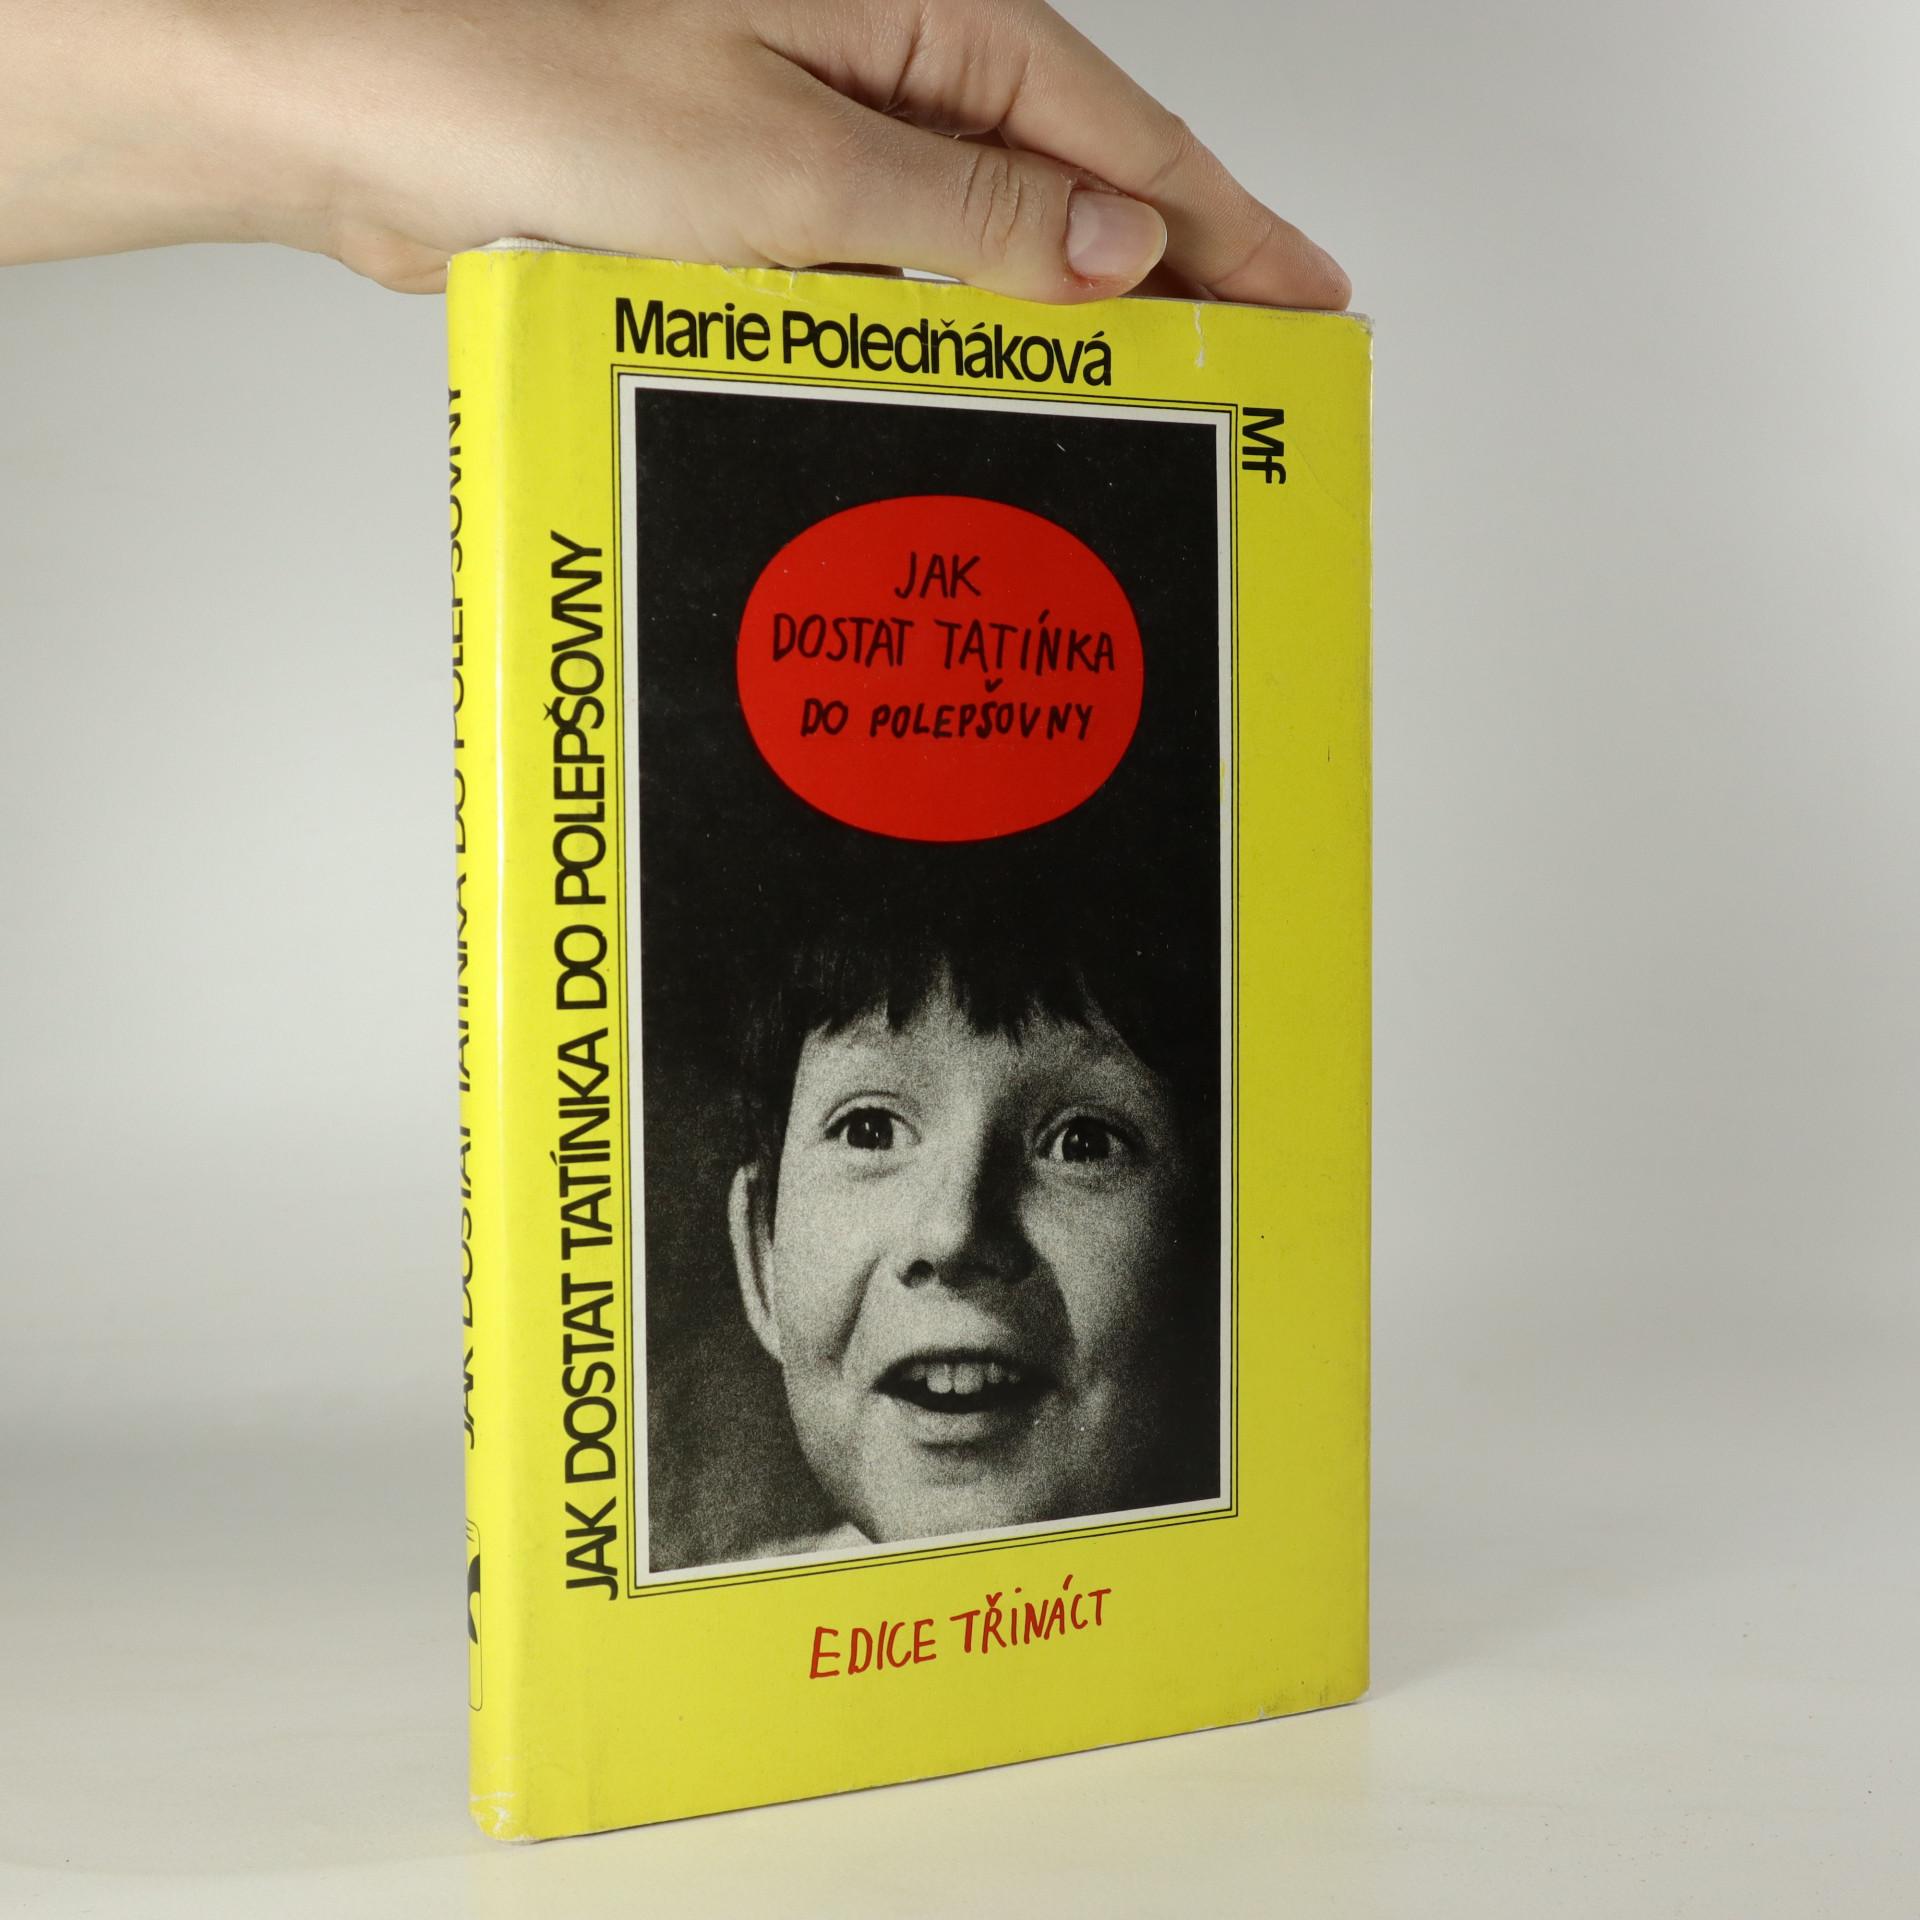 antikvární kniha Jak dostat tatínka do polepšovny, 1987